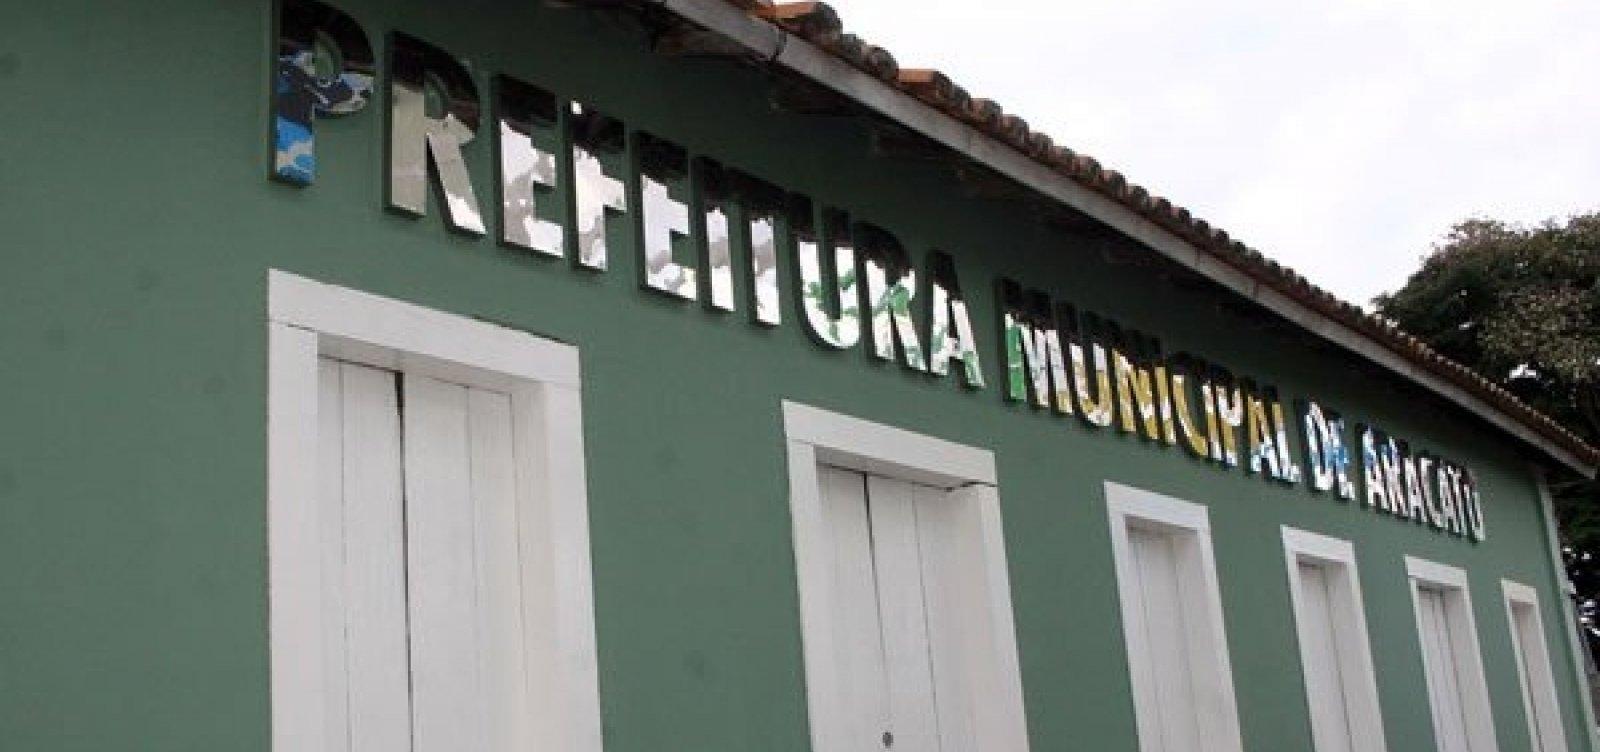 [Prefeito e presidente da Câmara da Aracatu devem exonerar 26 servidores por nepotismo]